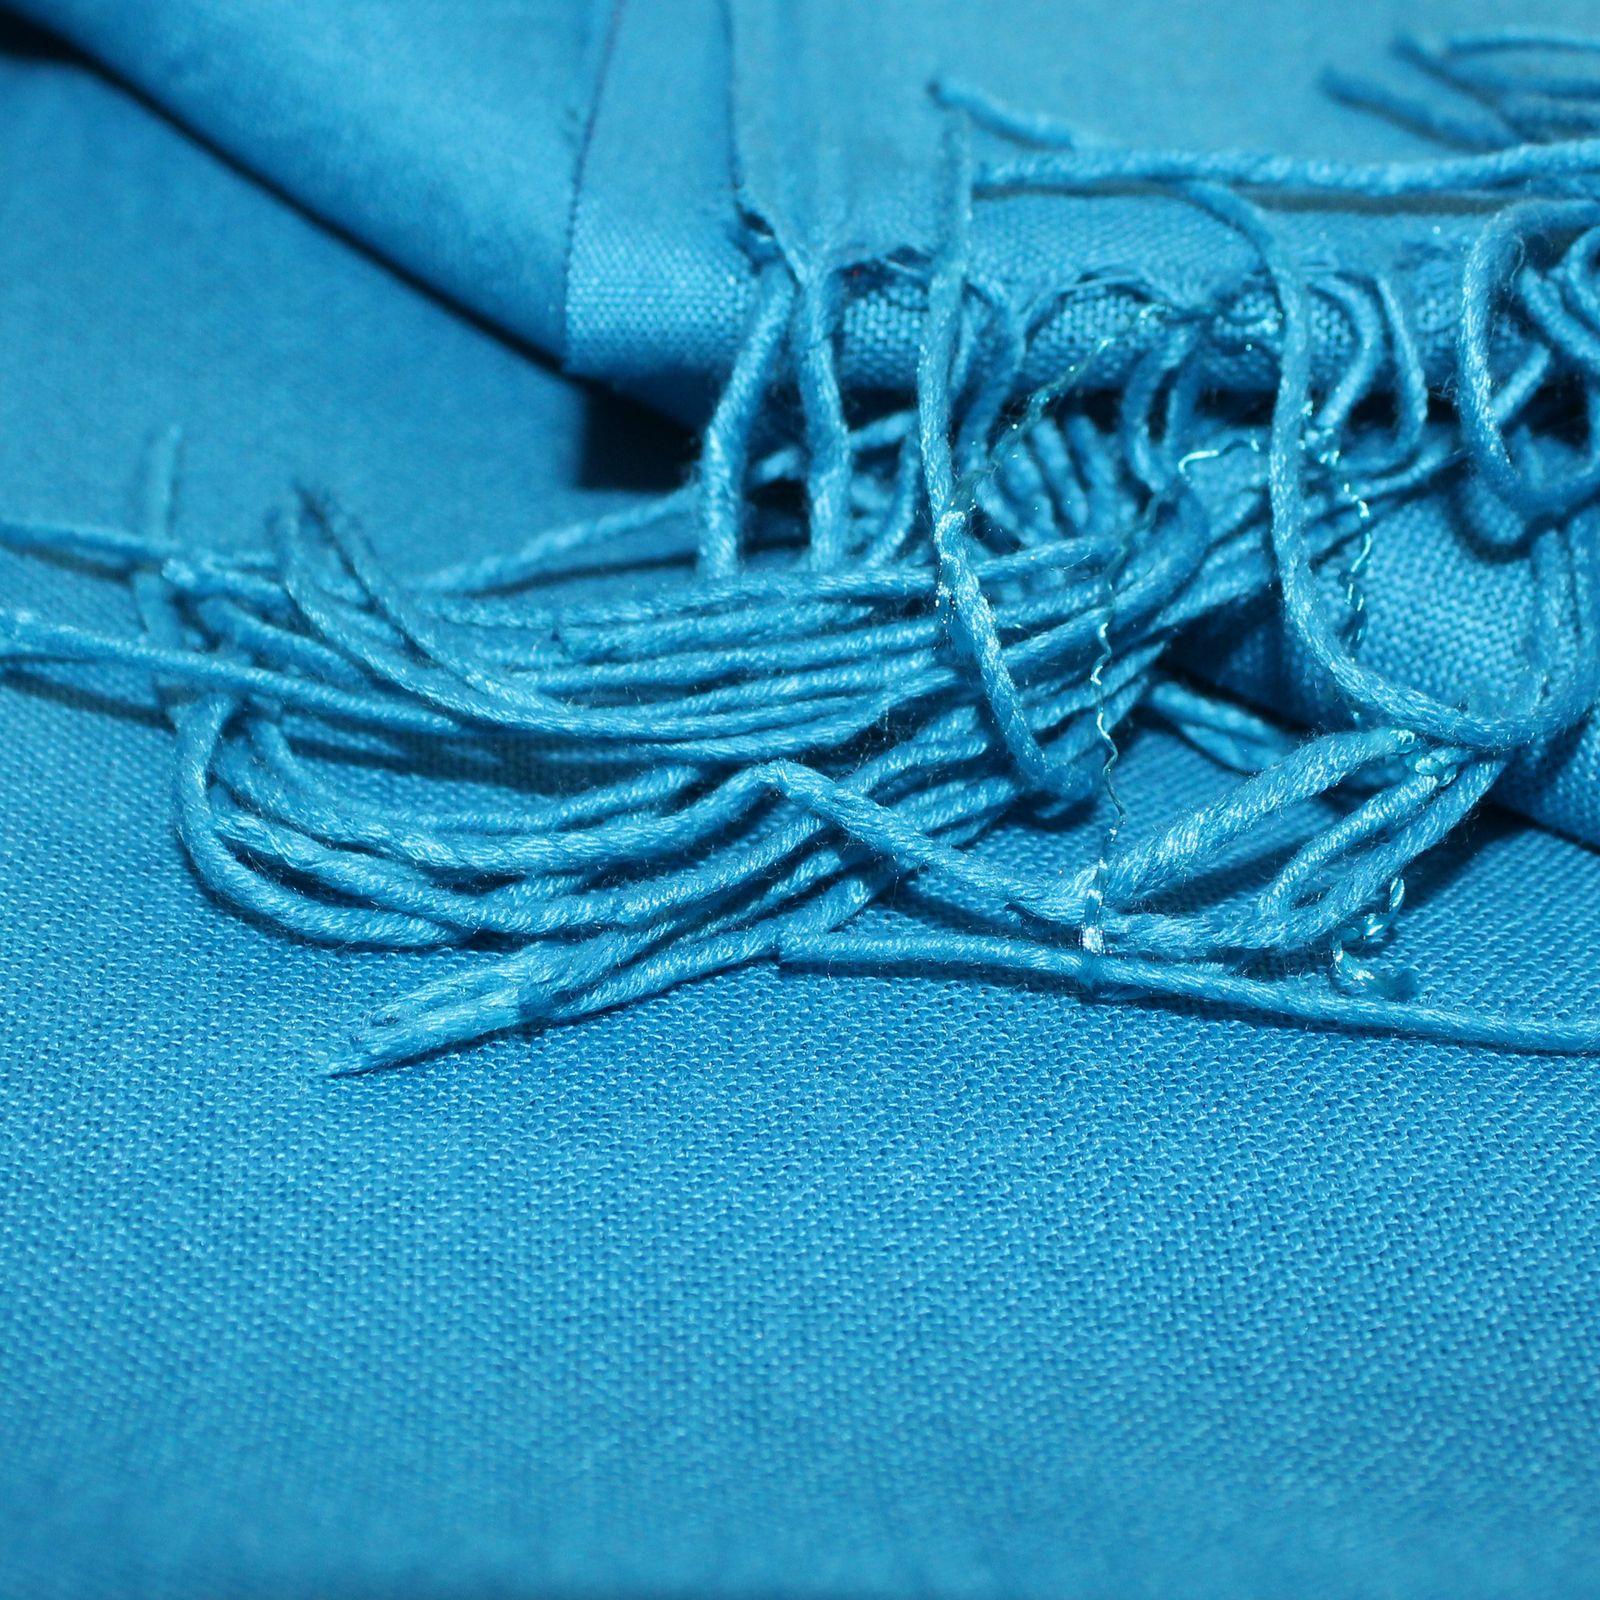 شال زنانه جی ان تی کد 01087 -  - 3